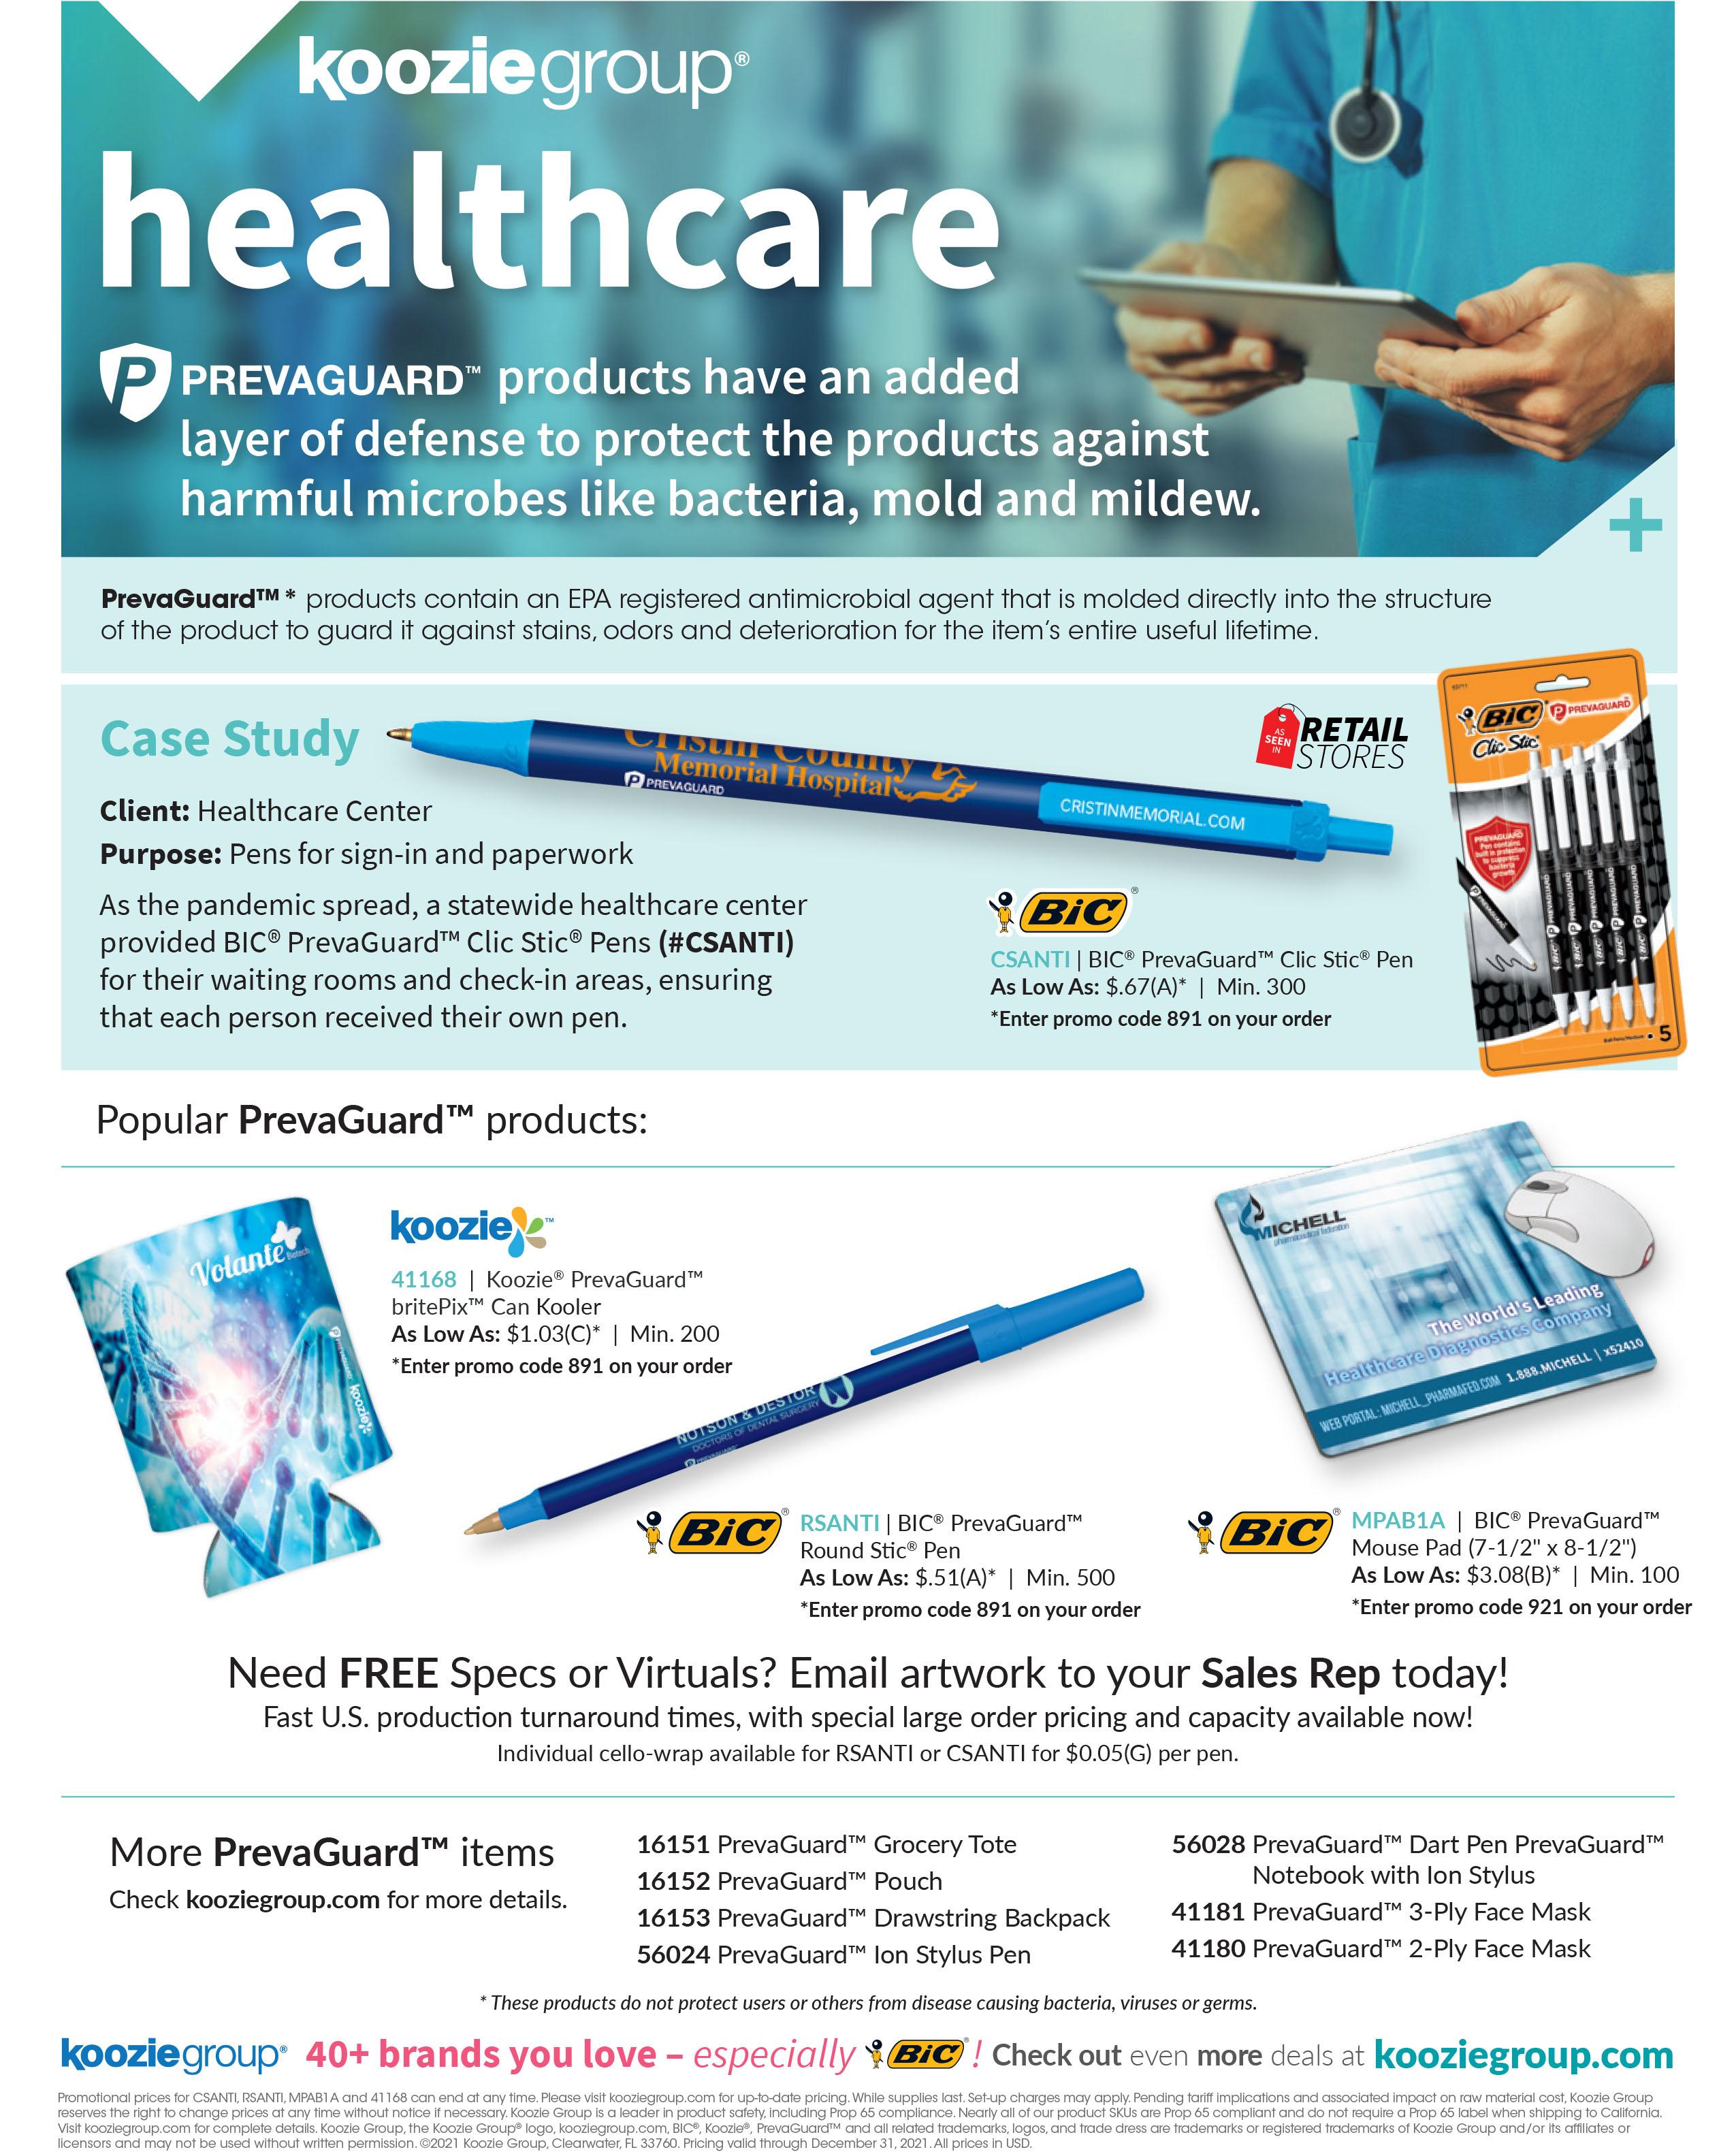 PrevaGuard Health Care